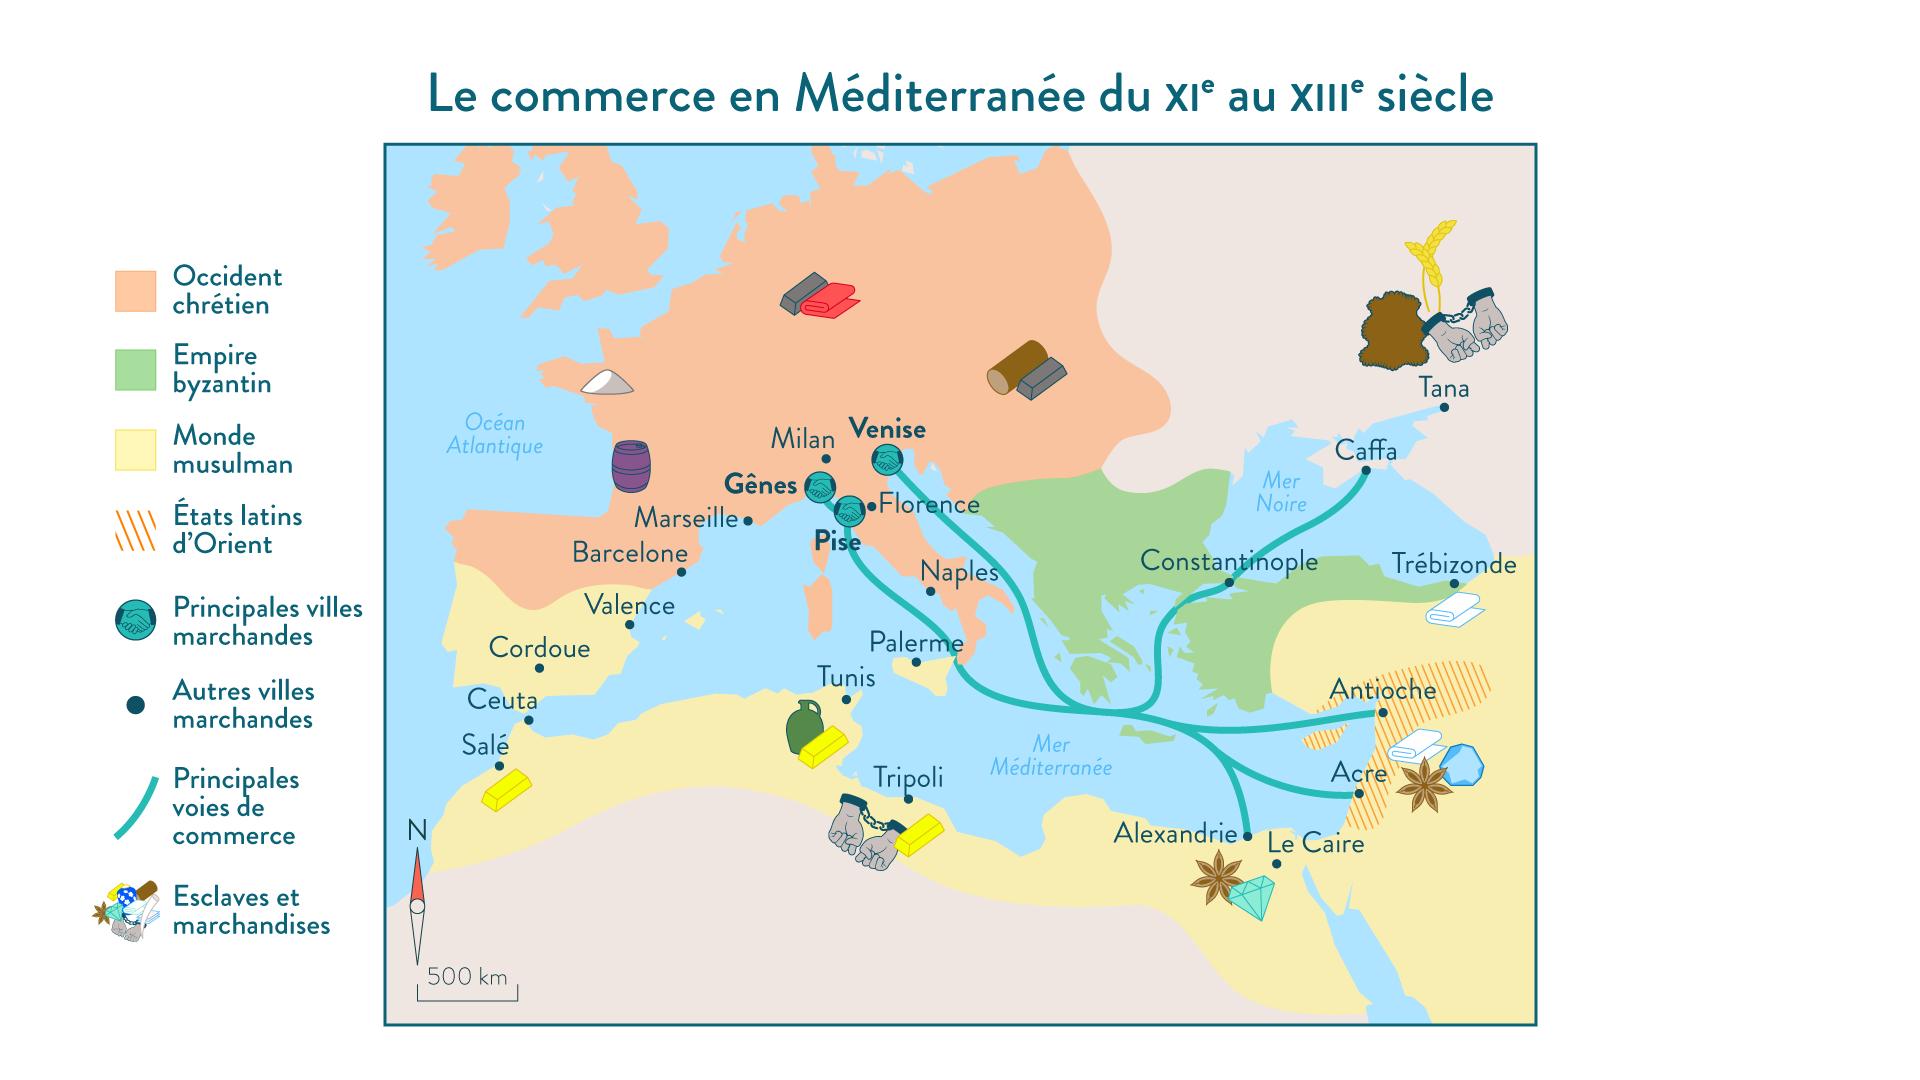 Le commerce méditerranéen - Histoire - 2de - SchoolMouv